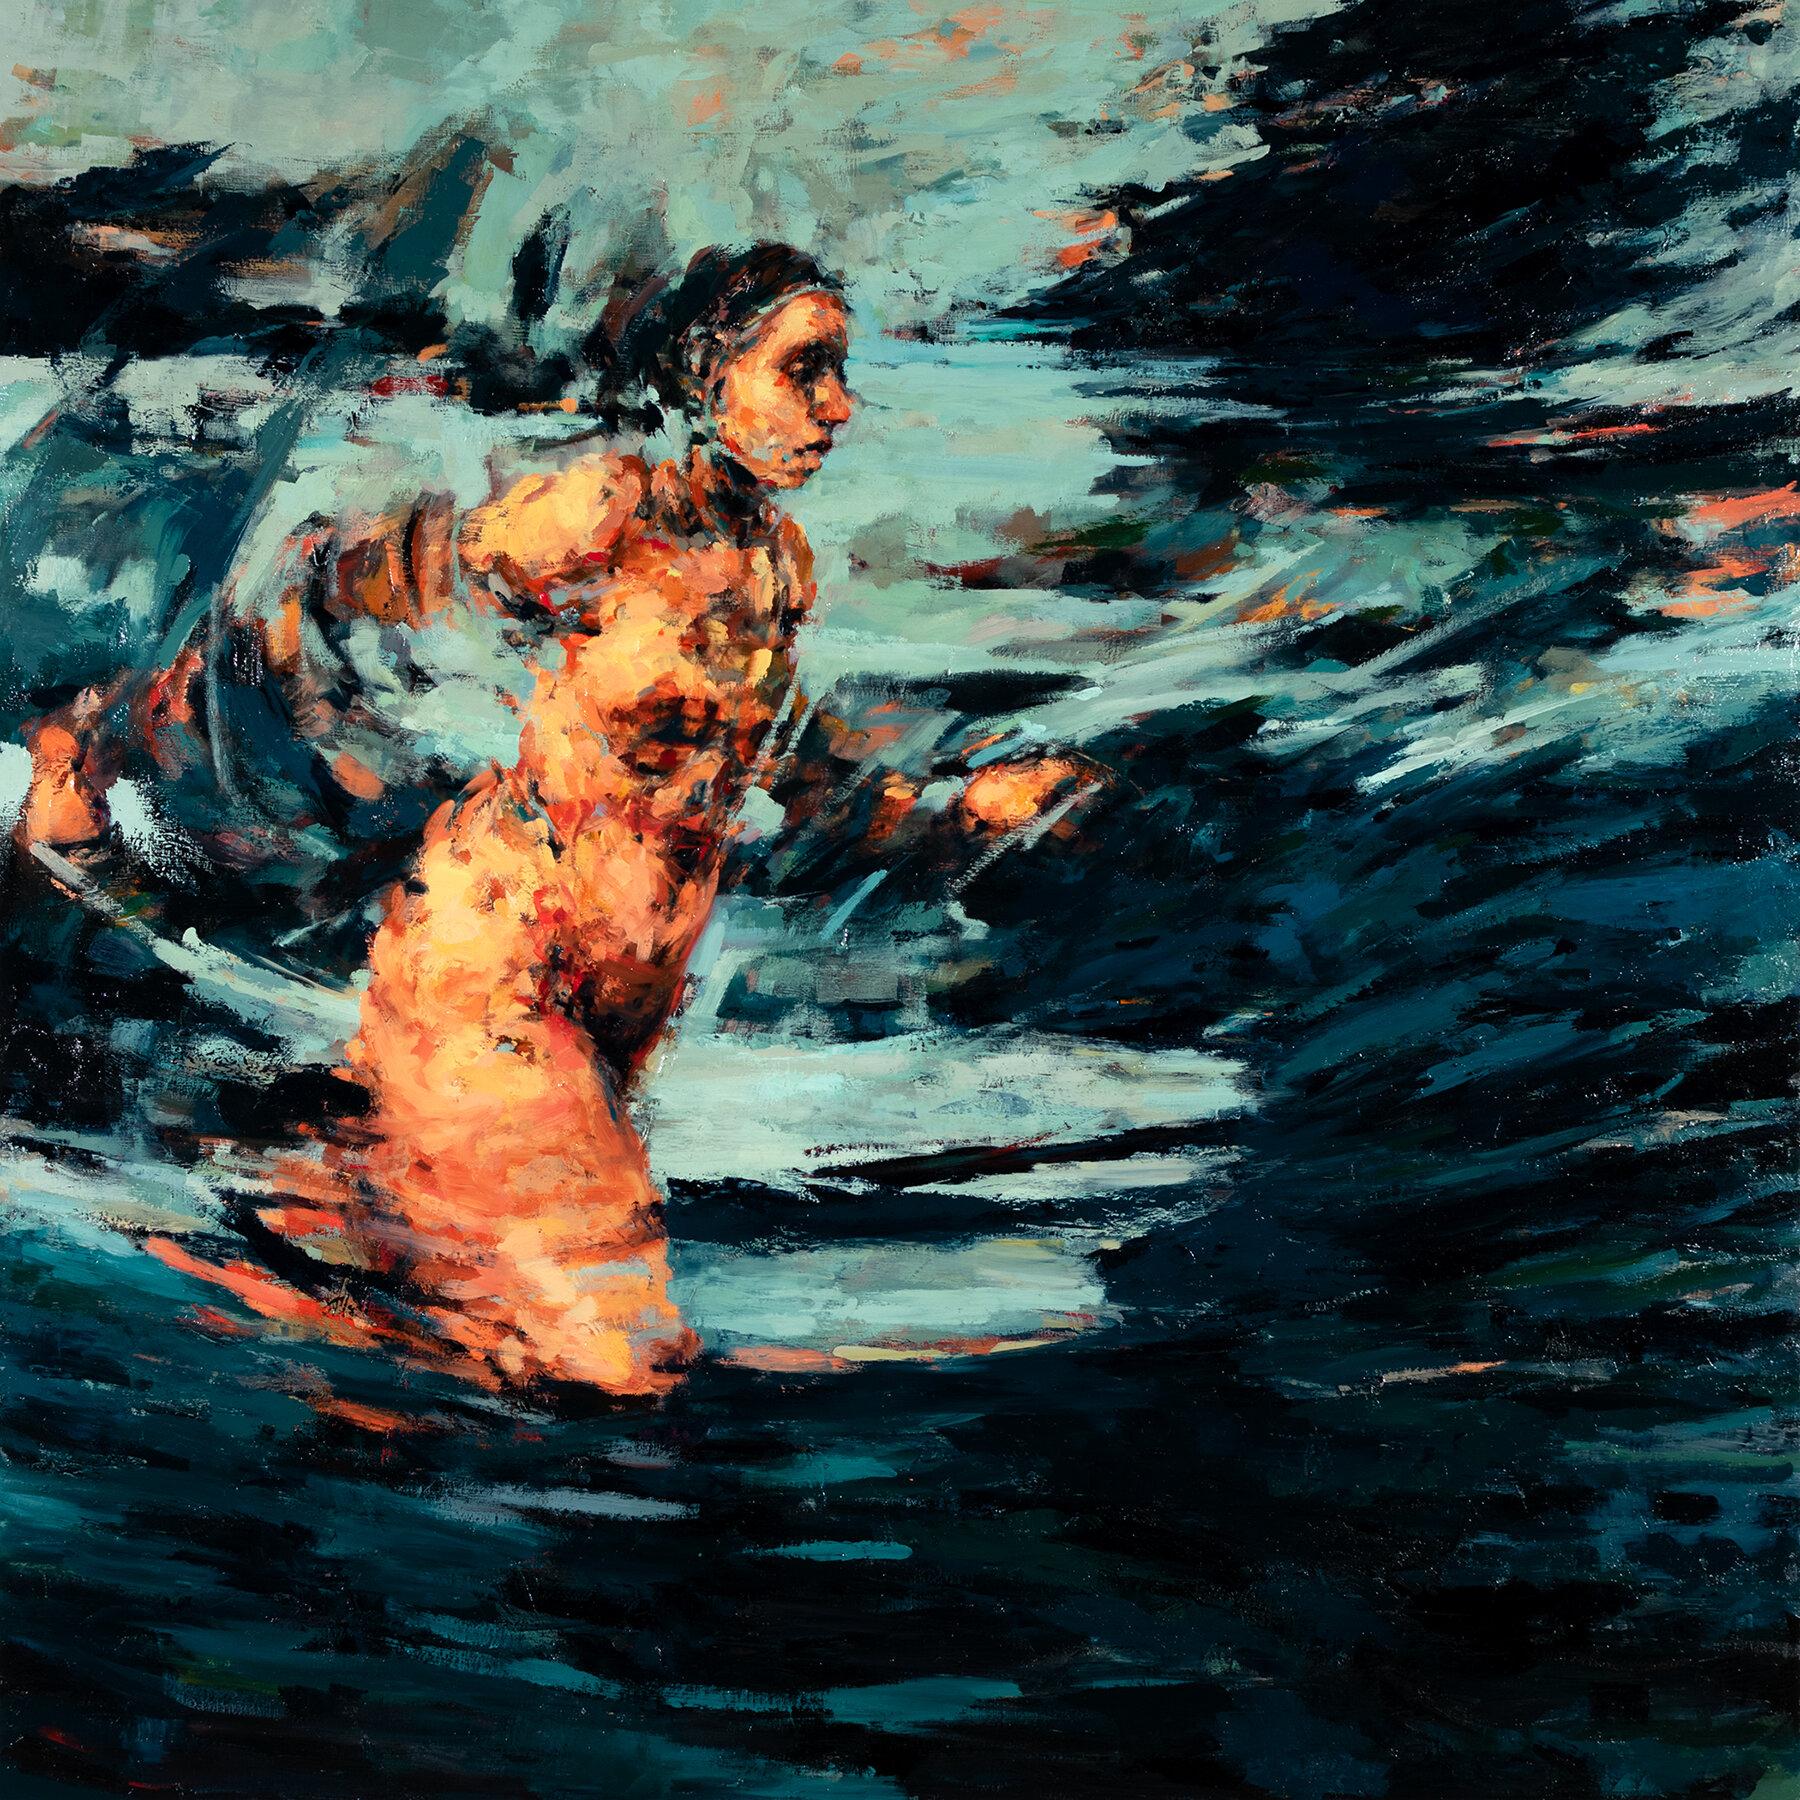 """'Vortex', oil on canvas, 46"""" x 46"""" x 2"""", 2019"""